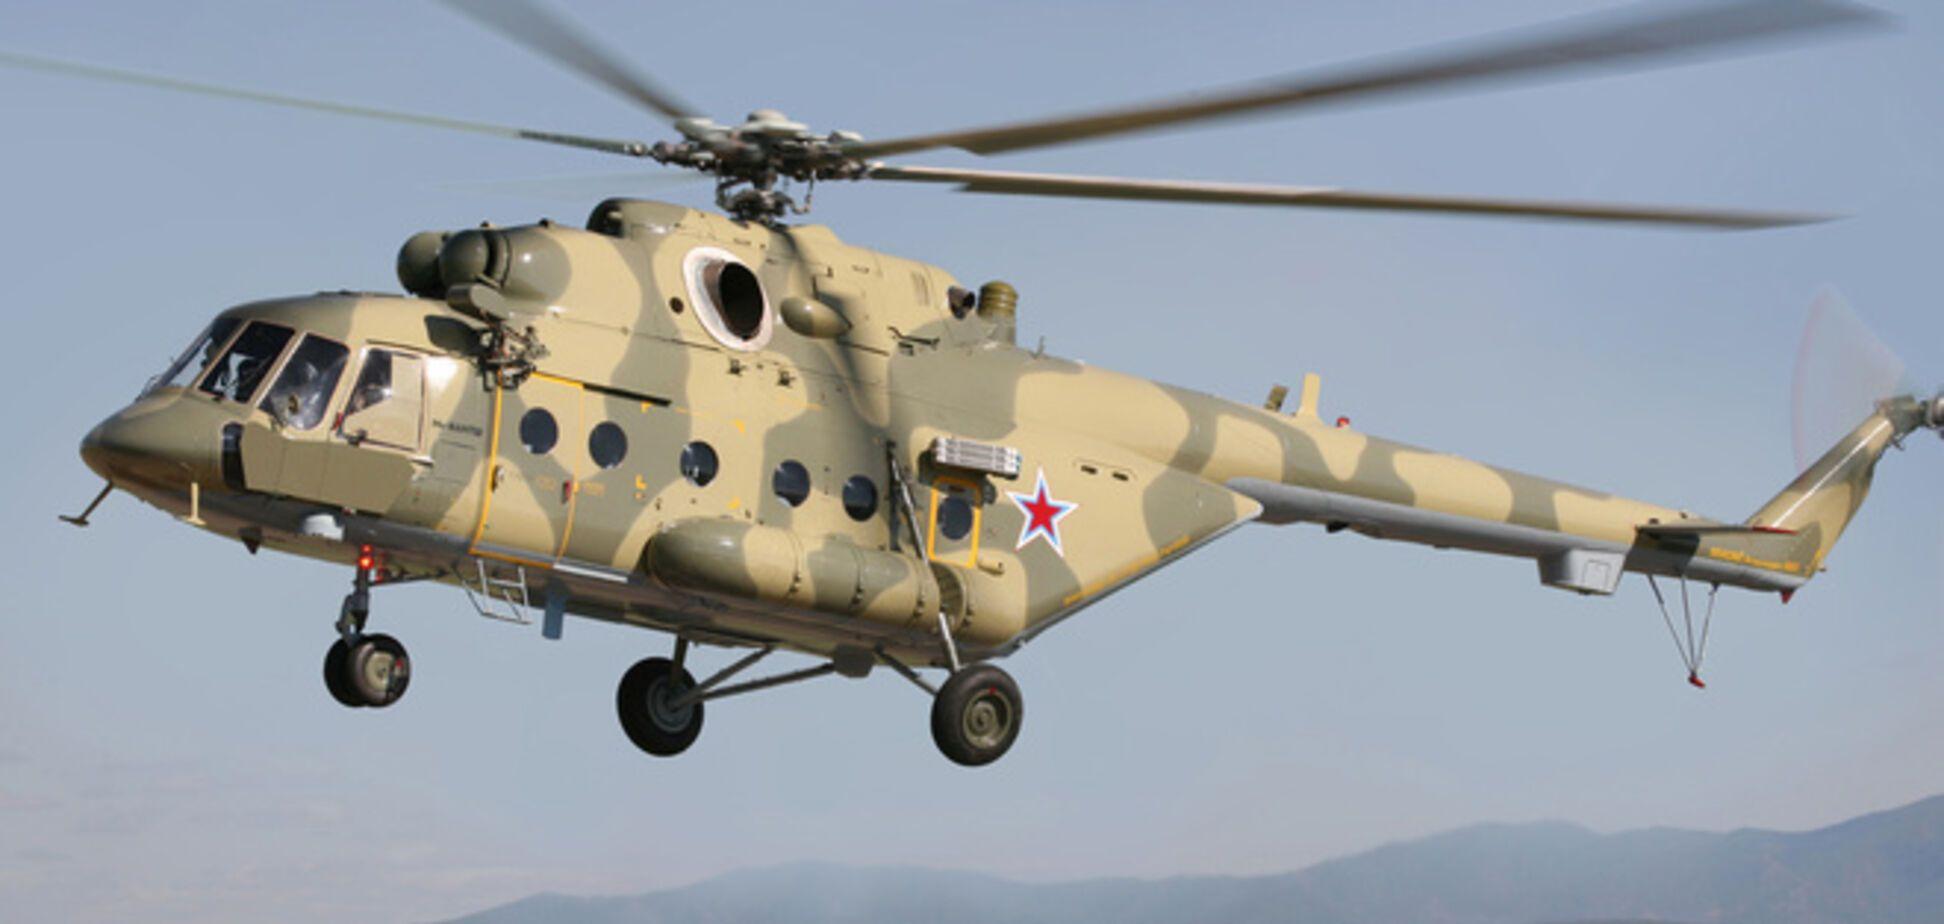 Российский Ми-8 нарушил воздушное пространство Украины